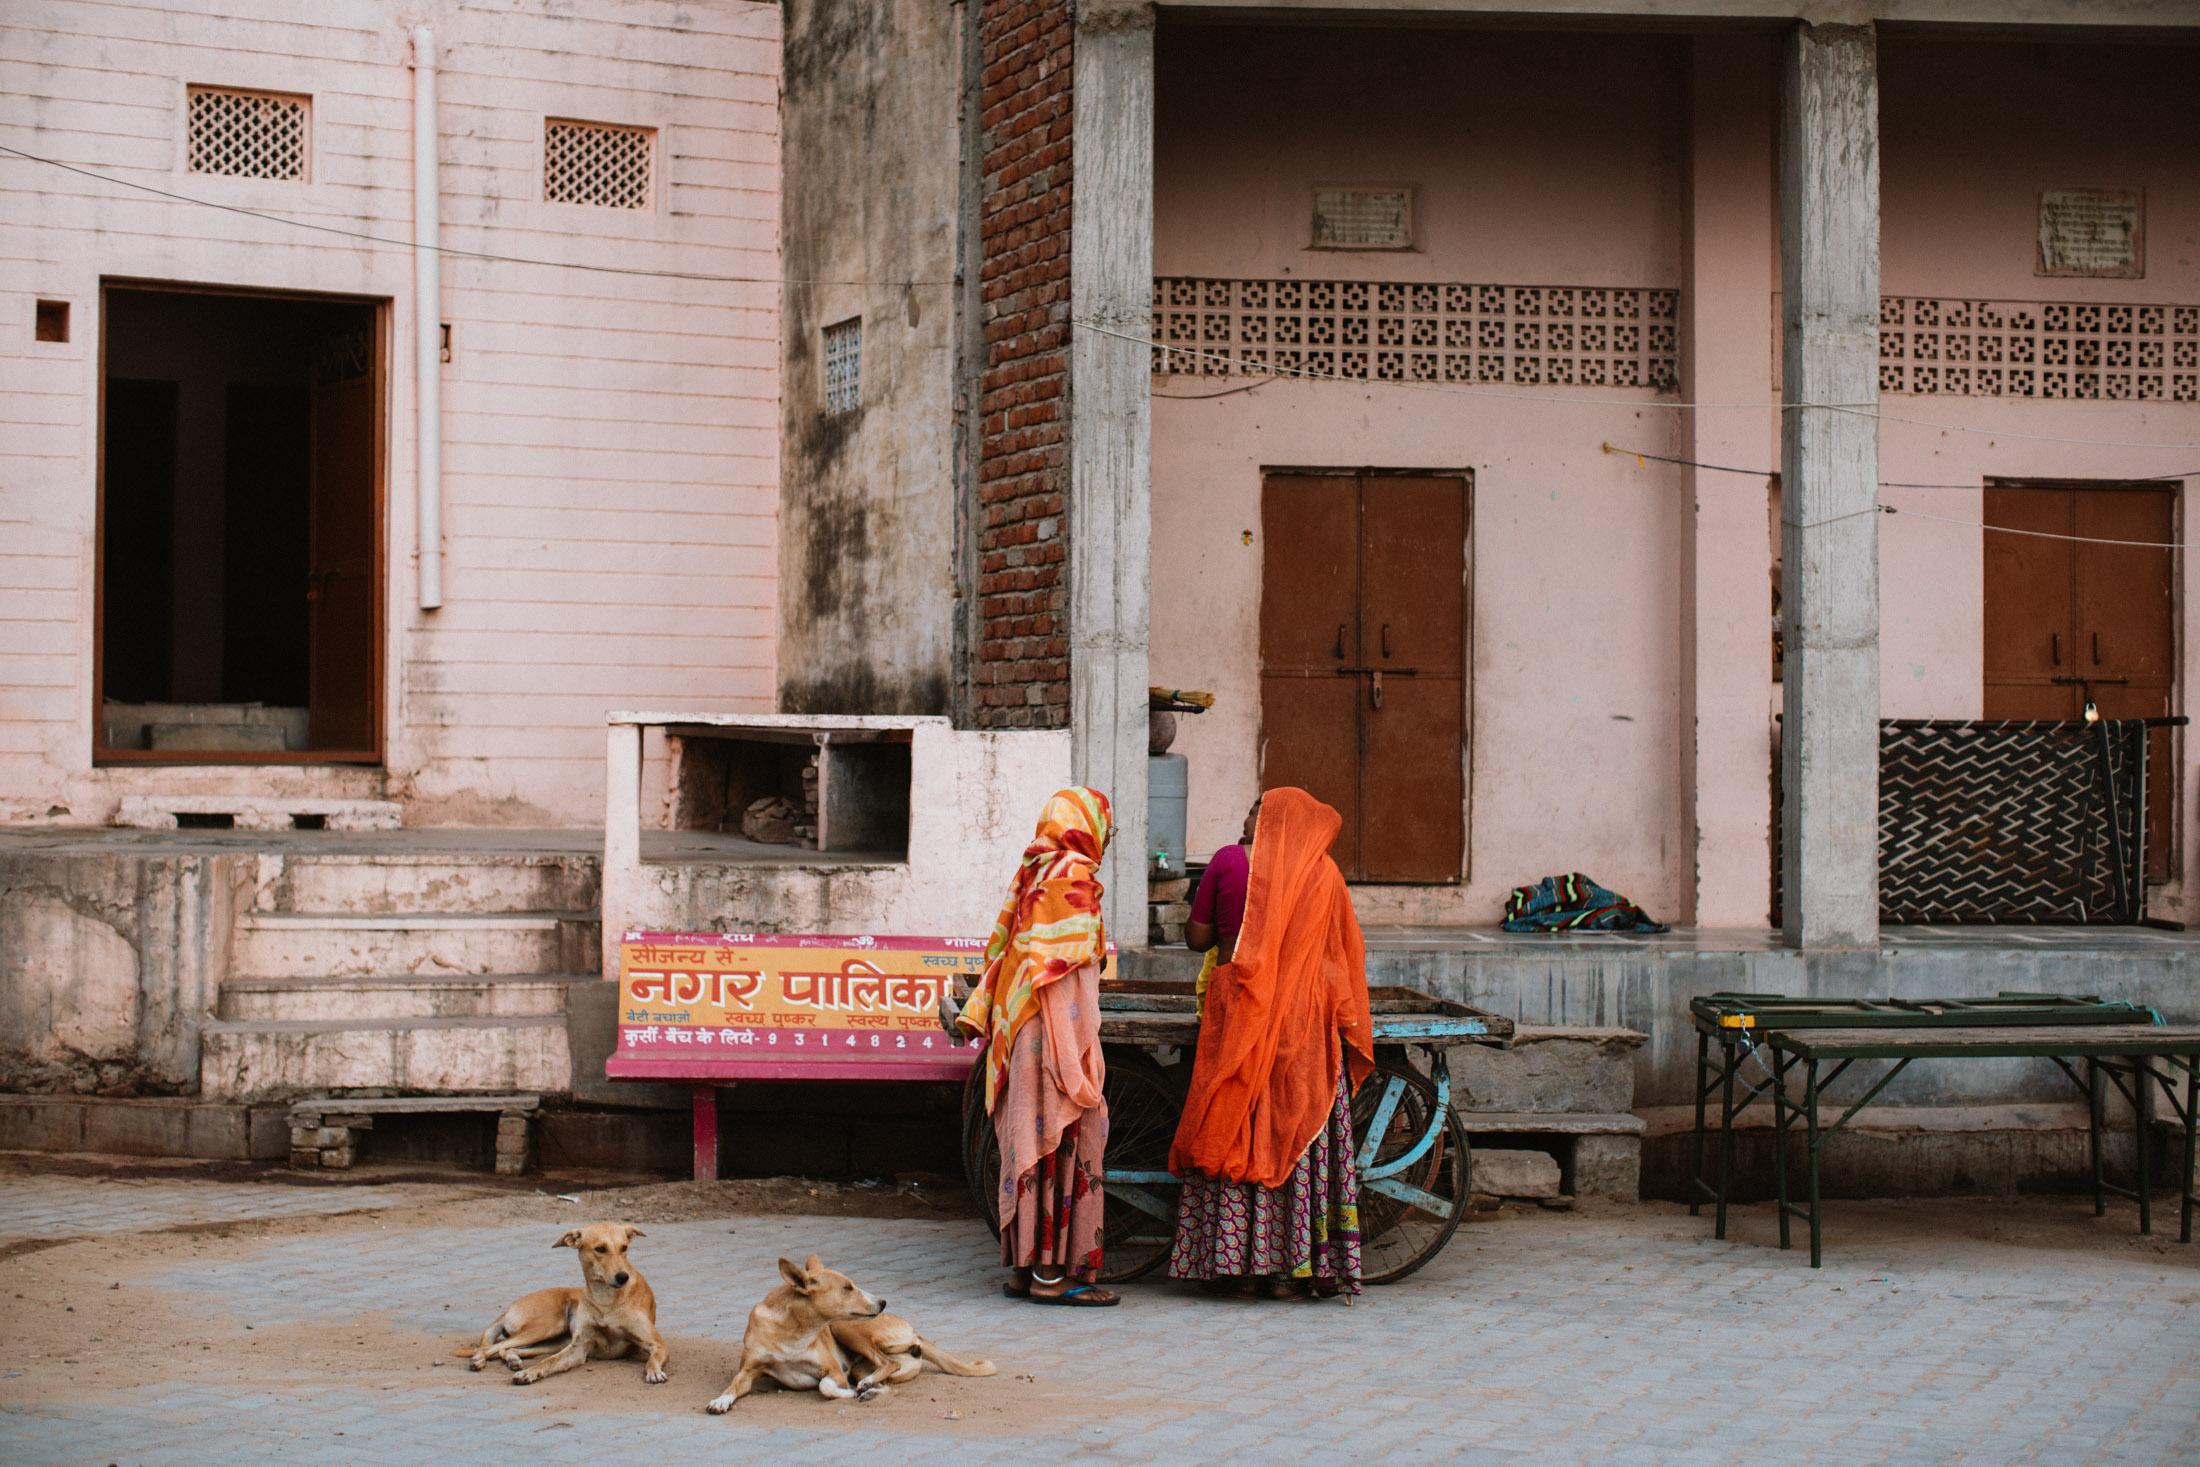 Pushkar Nov 2017-Dean Raphael Photography-8.jpg